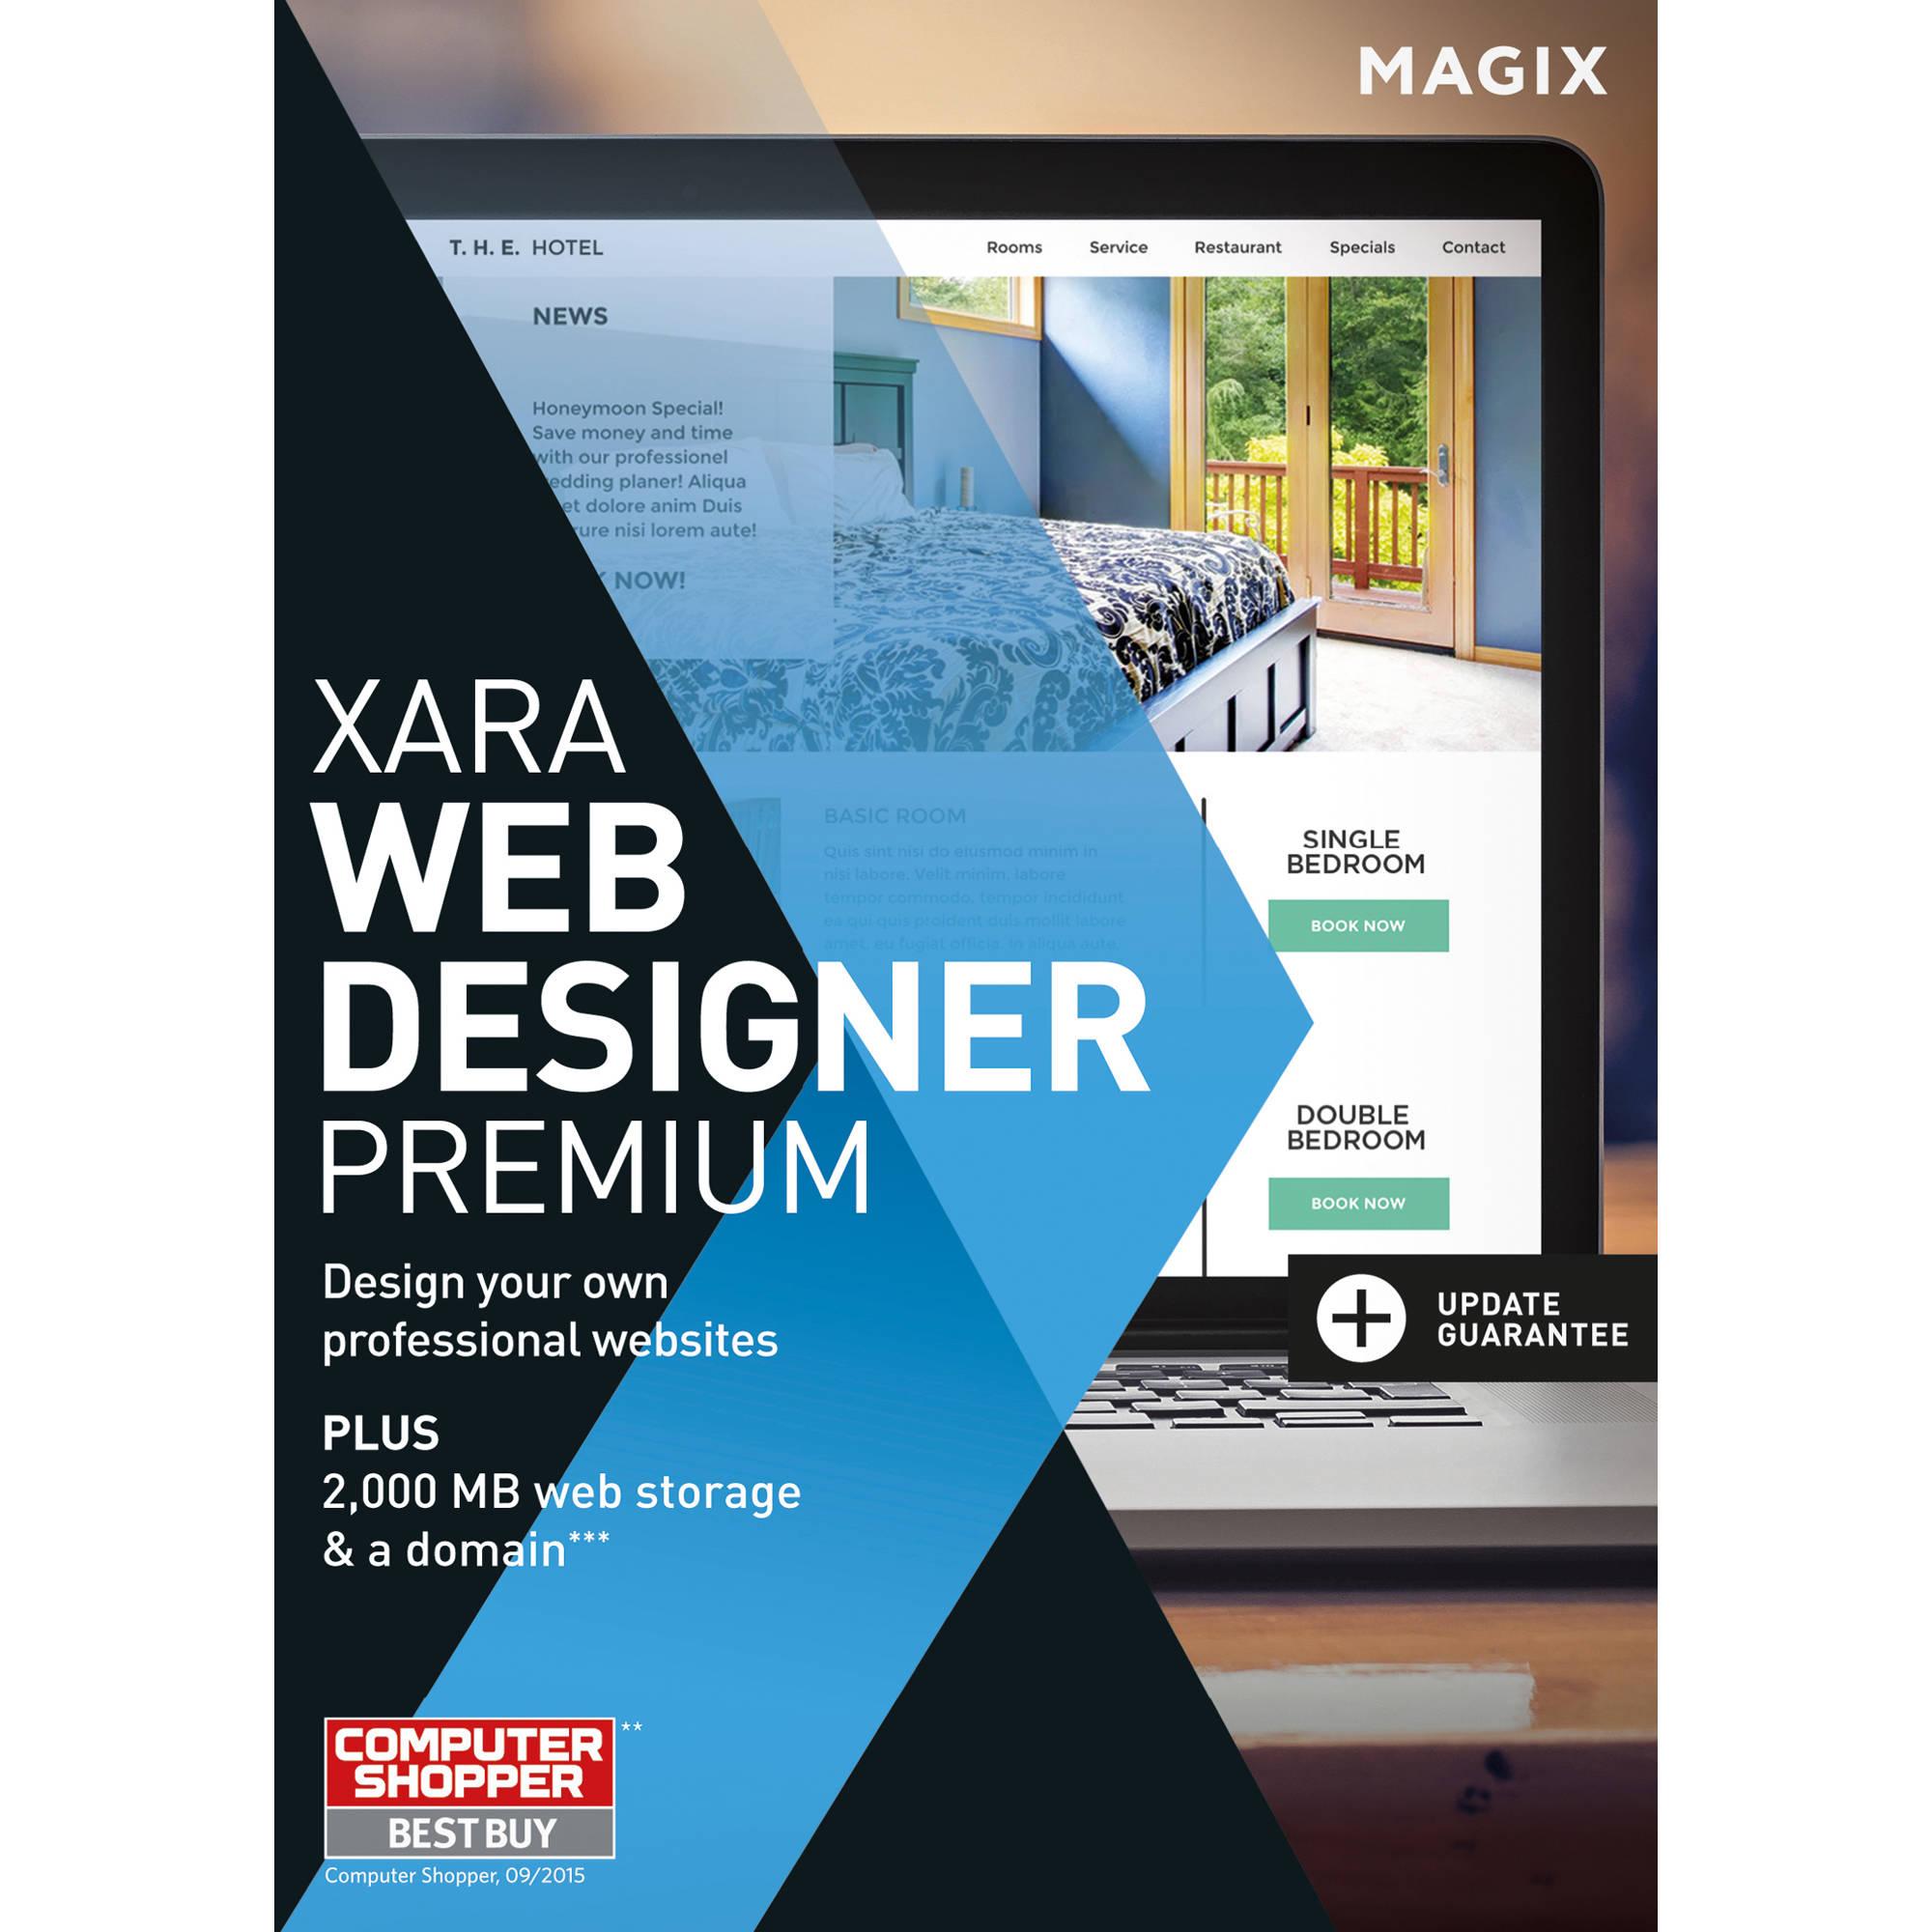 Magix Xara Web Designer Premium 17913edul2 B H Photo Video